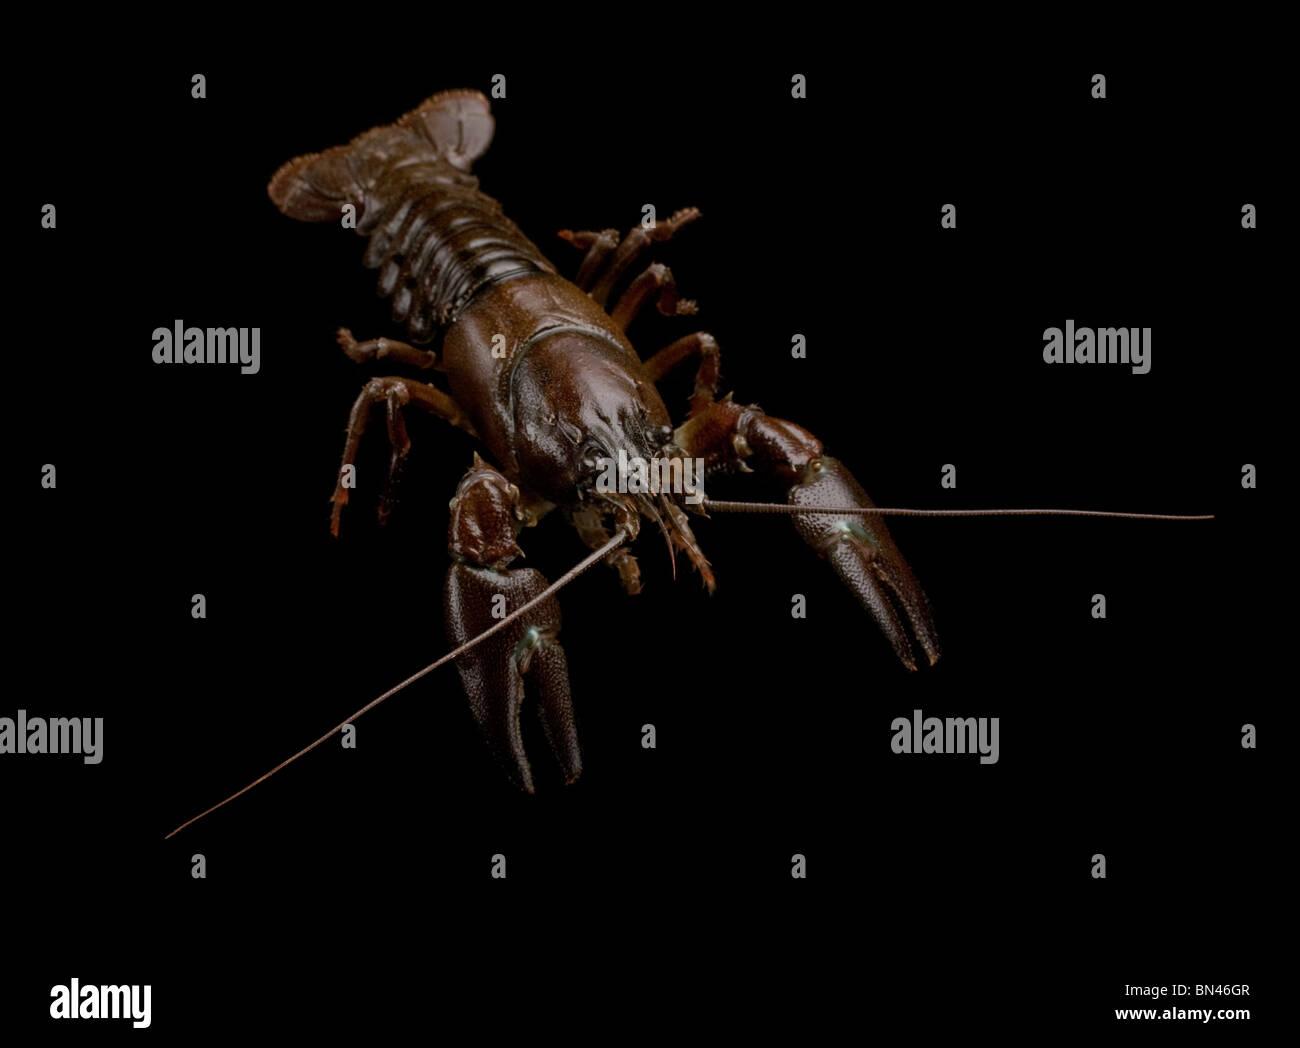 Signal crayfish (Pacifastacus leniusculus) Stock Photo